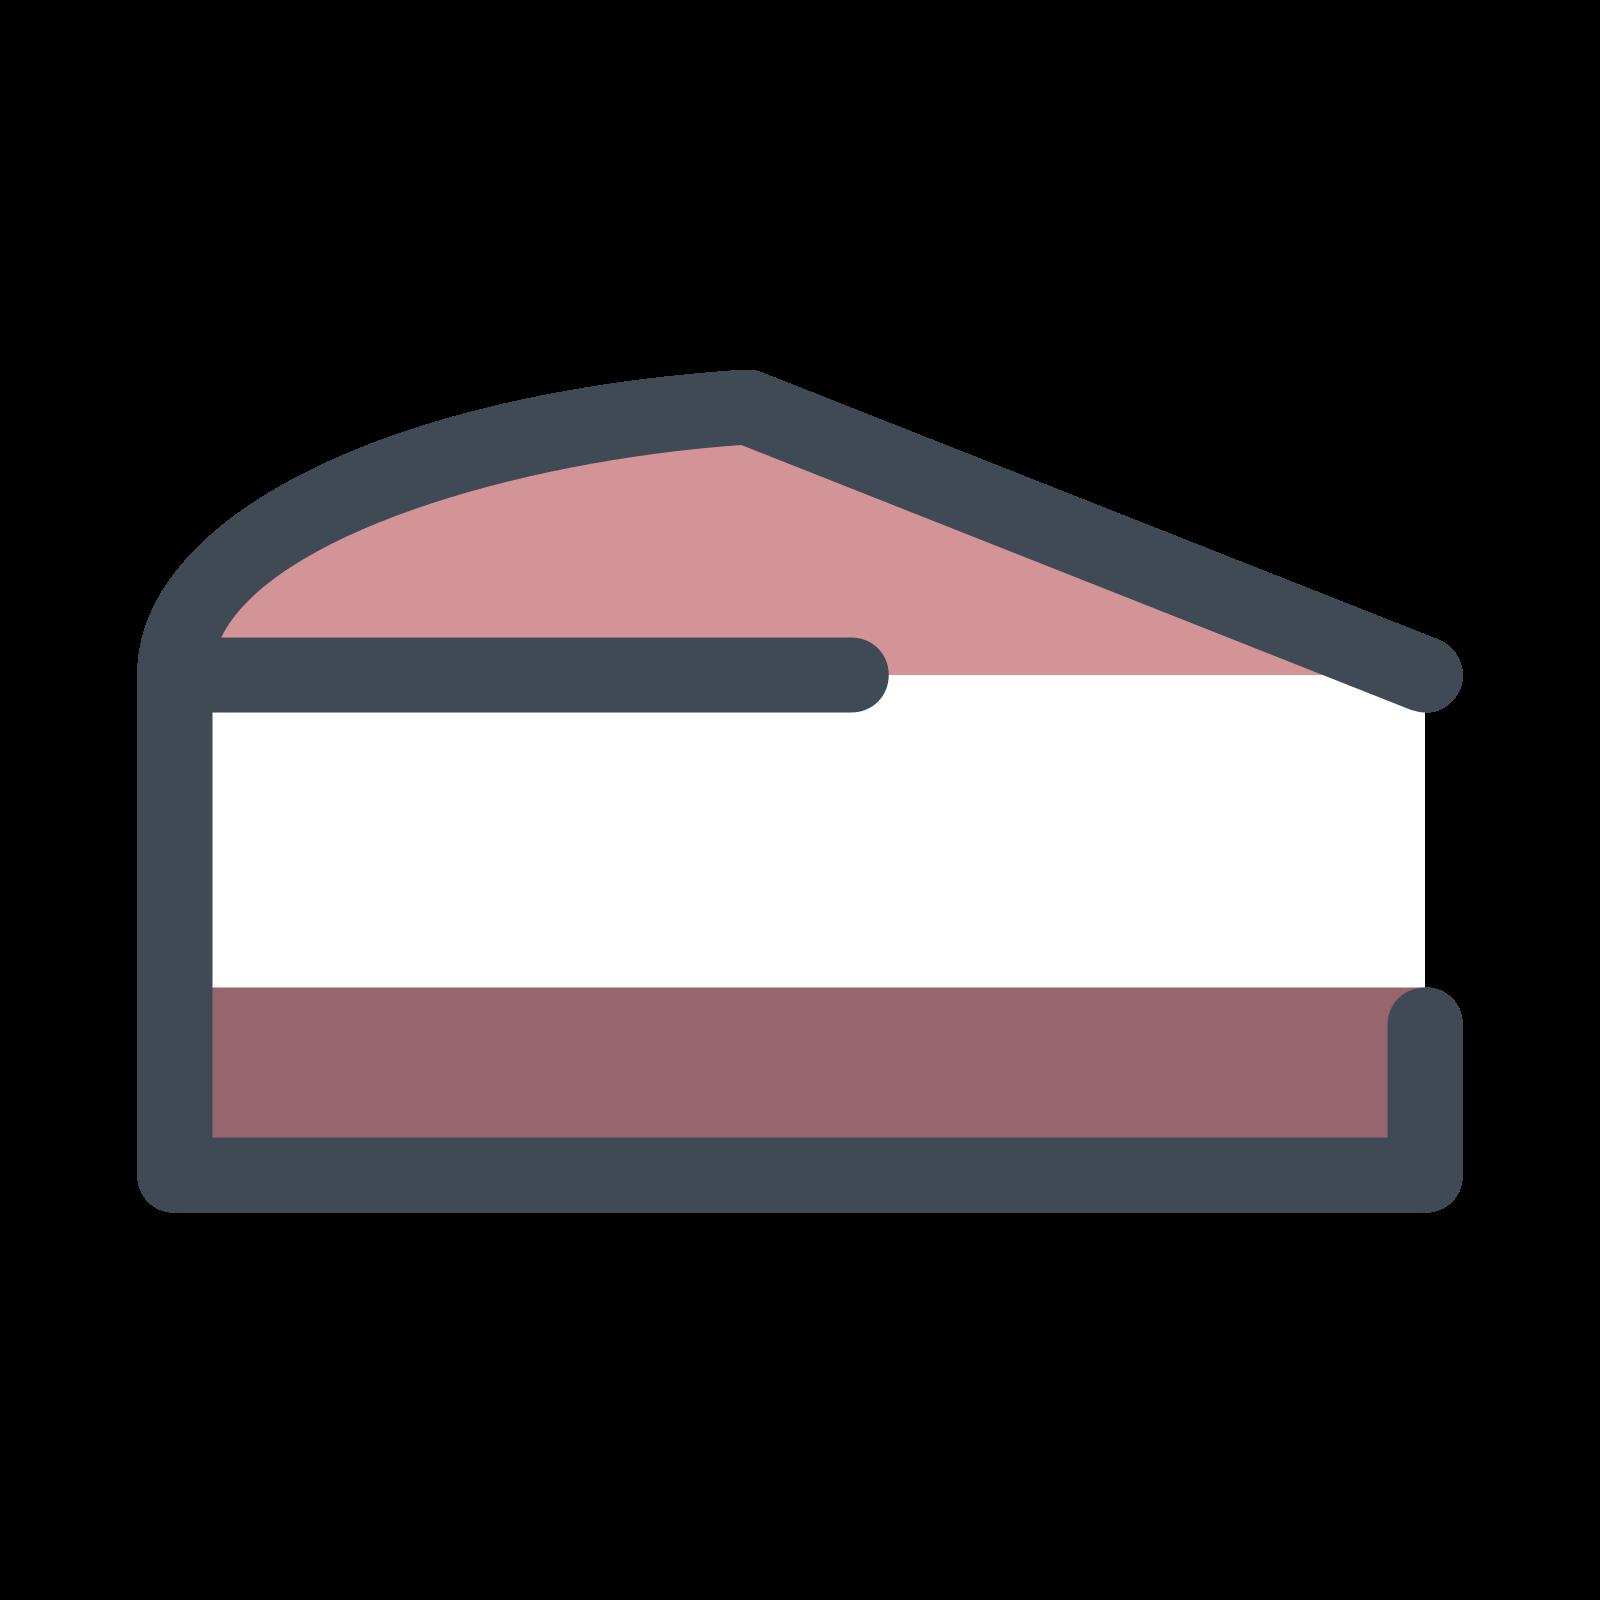 Sahne Kokos Kuchen Icon Free Download Png And Vector